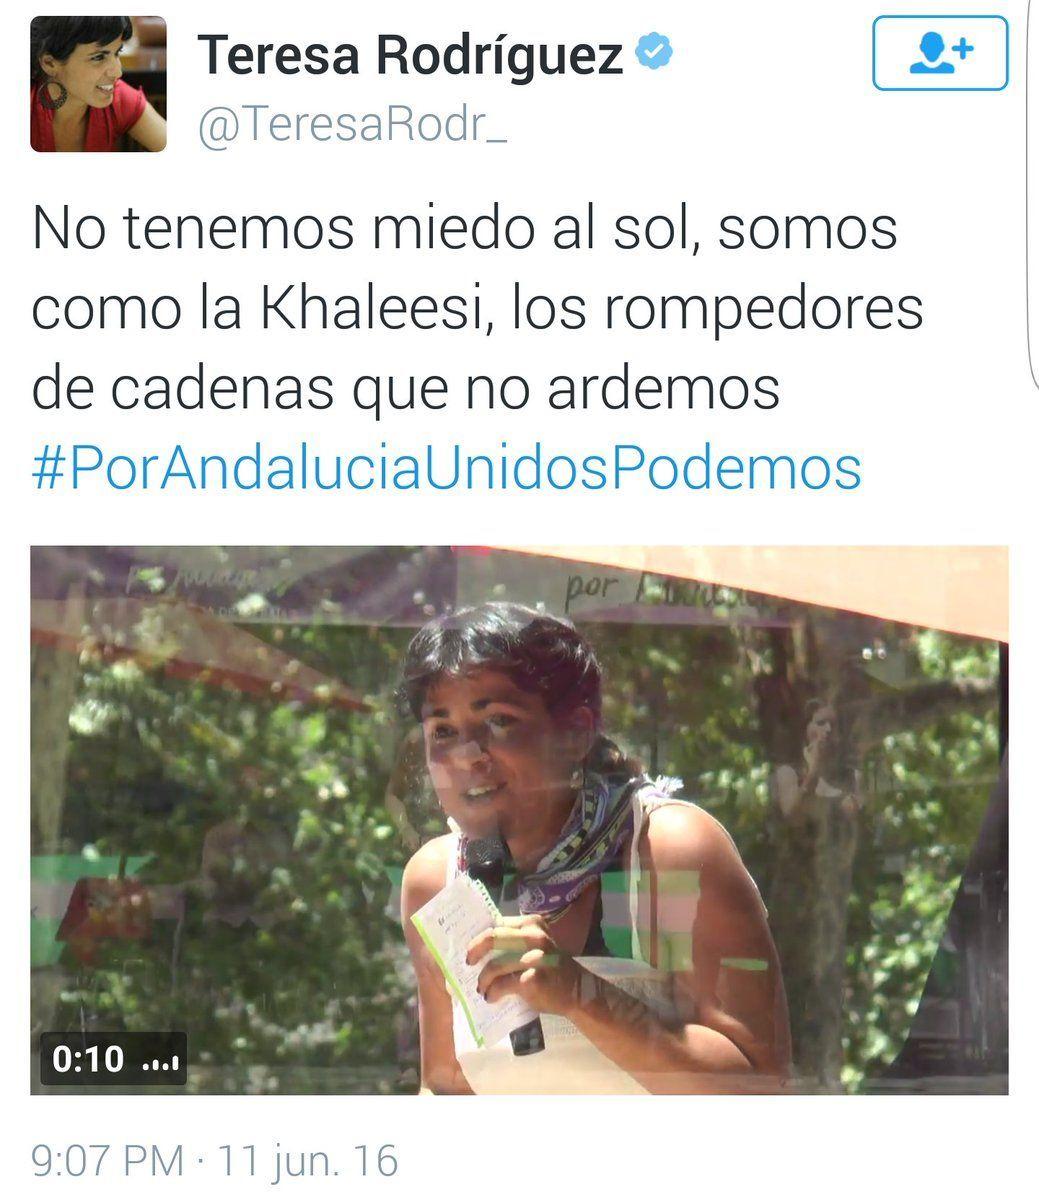 Los dirigentes de Podemos ya no saben que inventar.